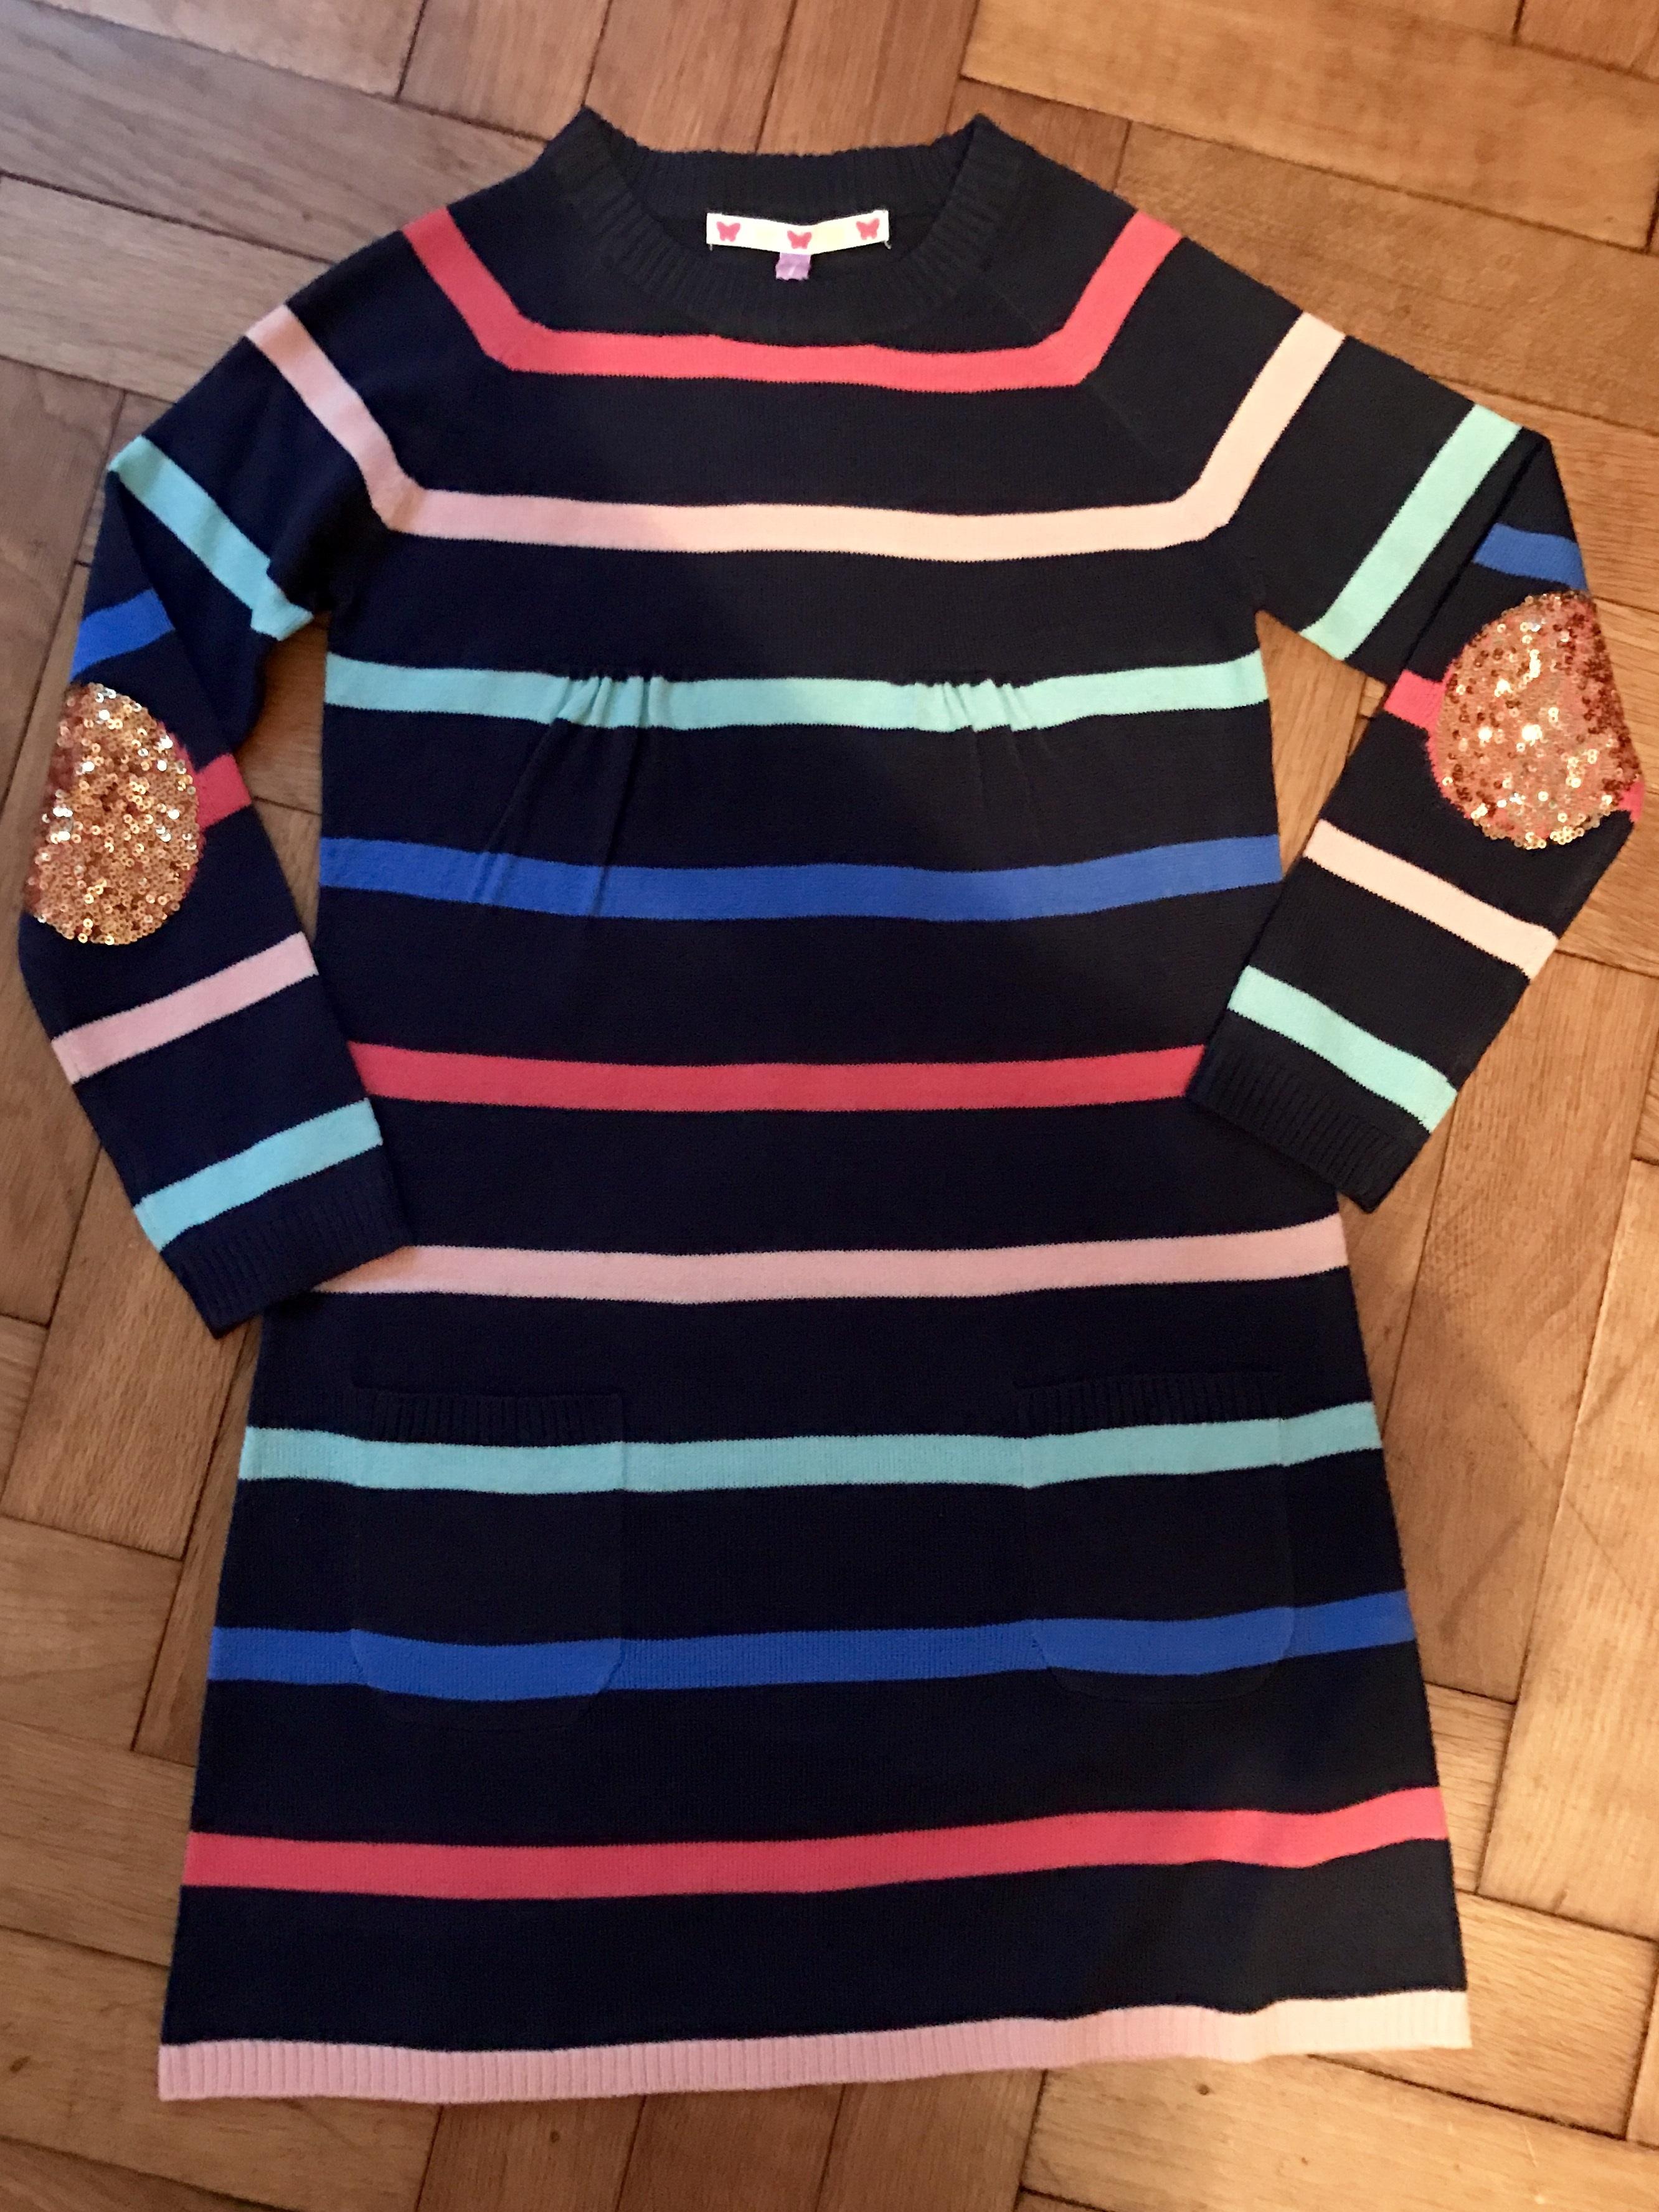 John Lewis dress